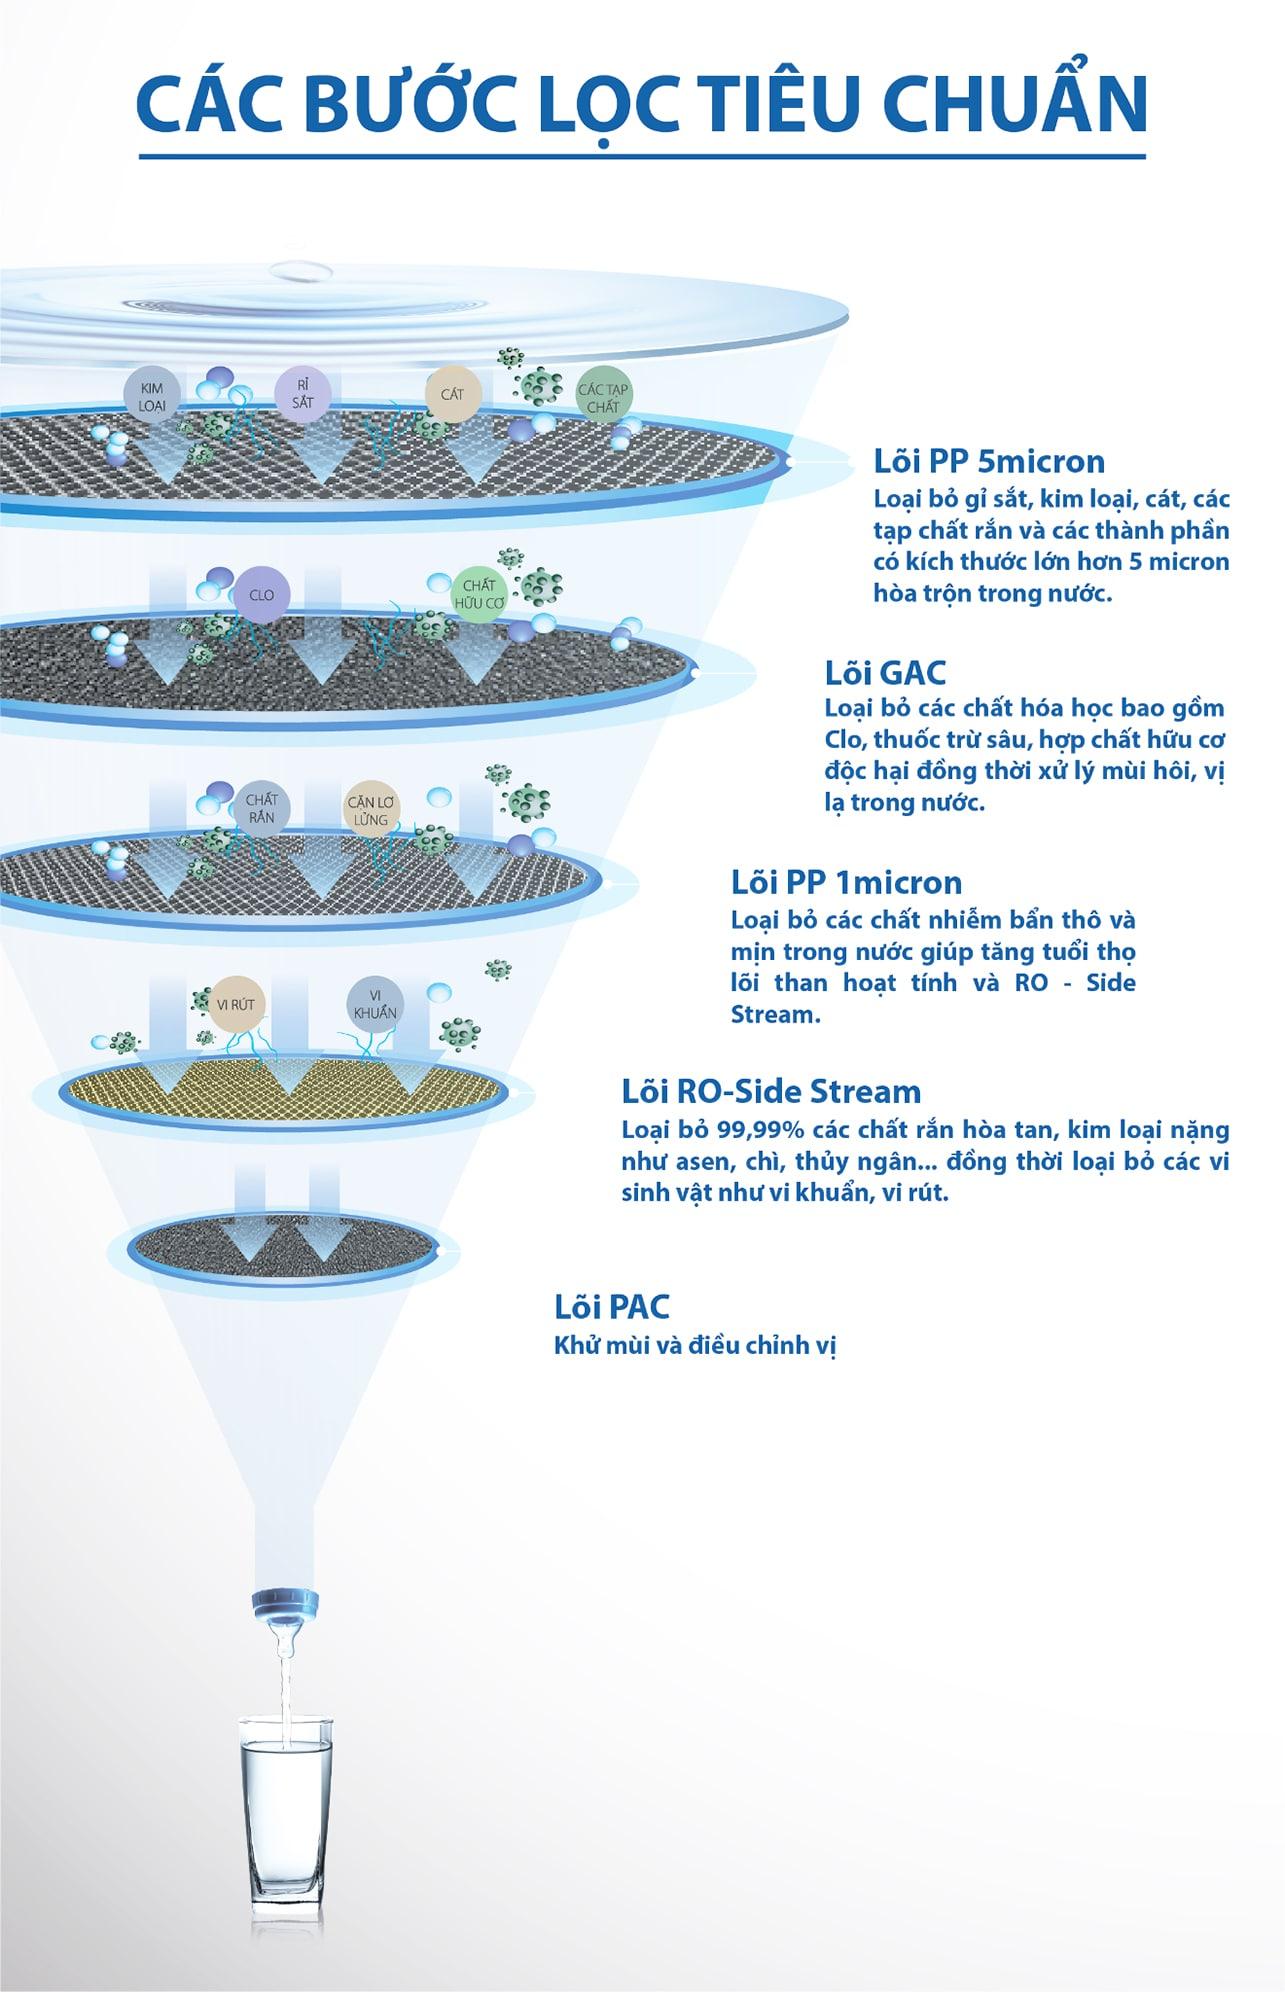 Bạn hoàn toàn yên tâm sử dụng nước được lọc bởi máy lọc Aosmith E2